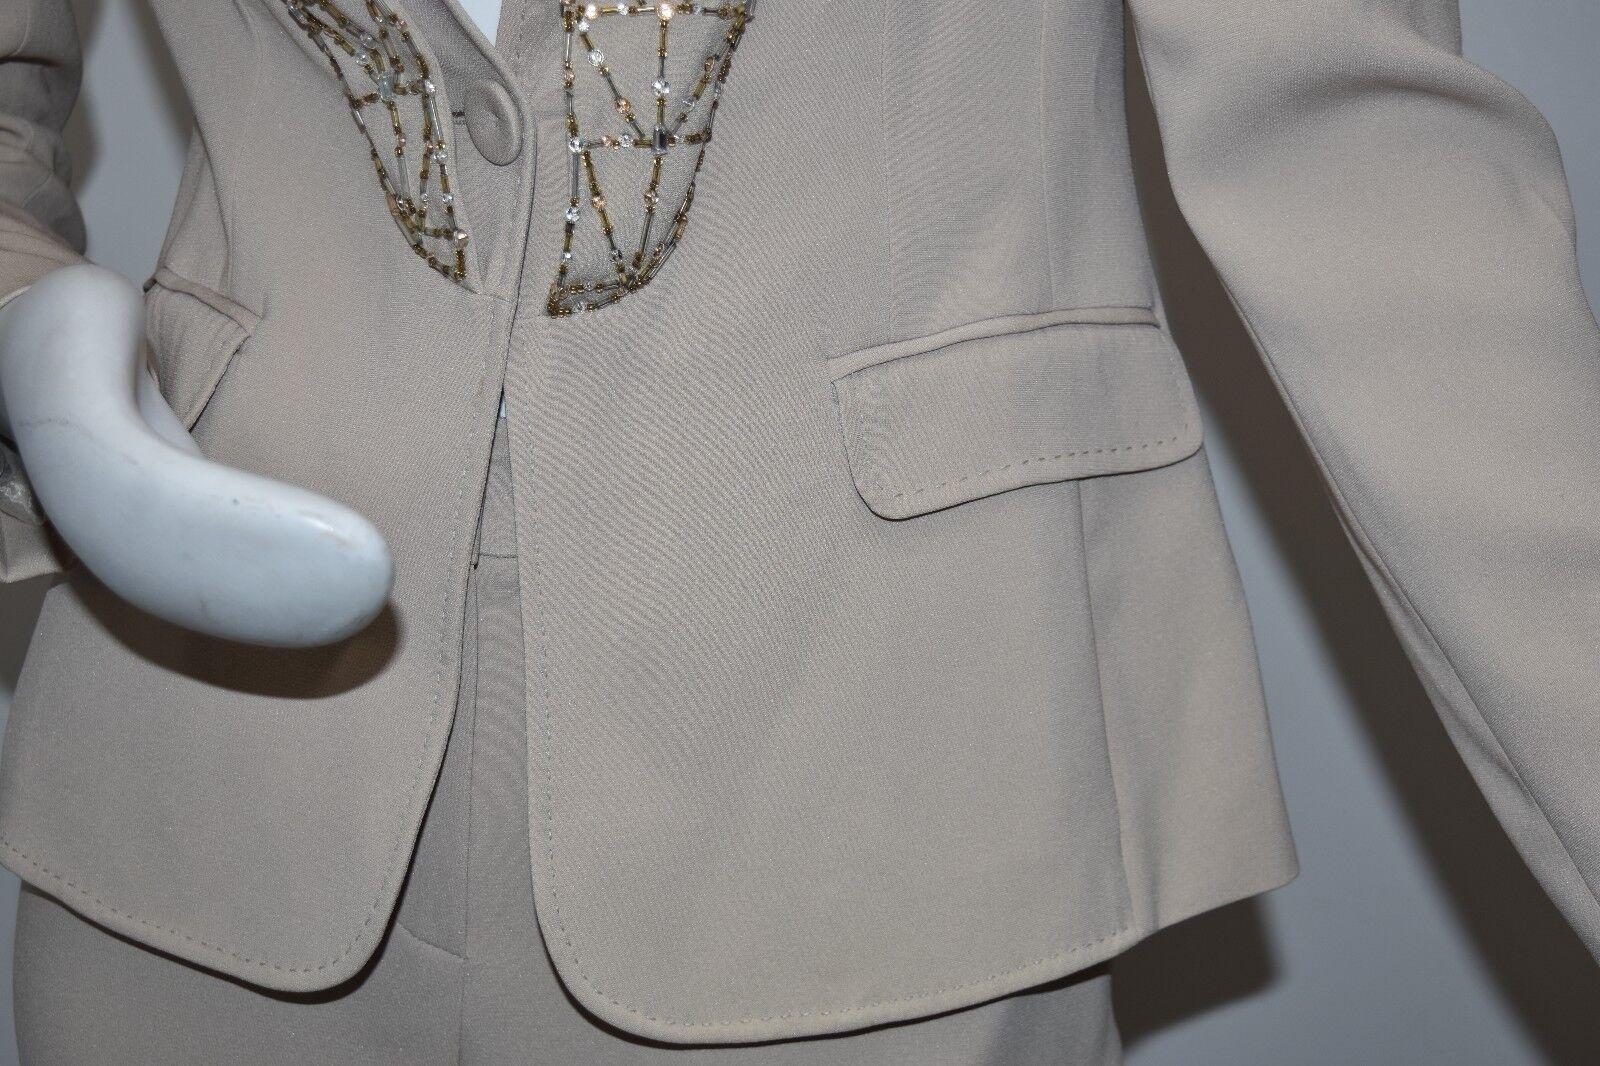 Neu ESCADA 2 PC Hose Anzug Gold Perlen Blazer Seide Hose Solitare Beige 36